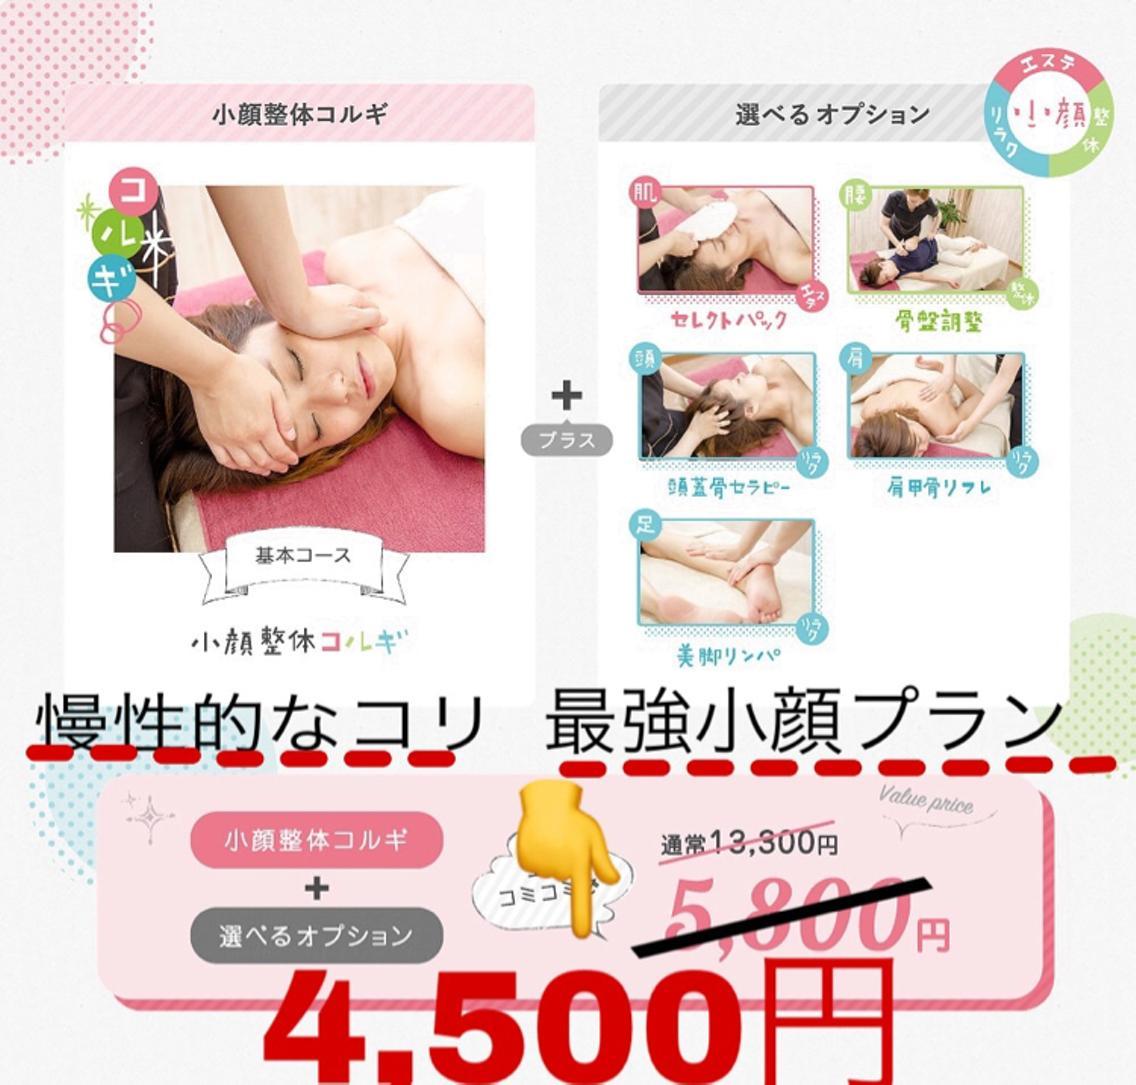 小顔整体研究所〜KSラボ岡崎〜所属・KSラボ岡崎店の掲載